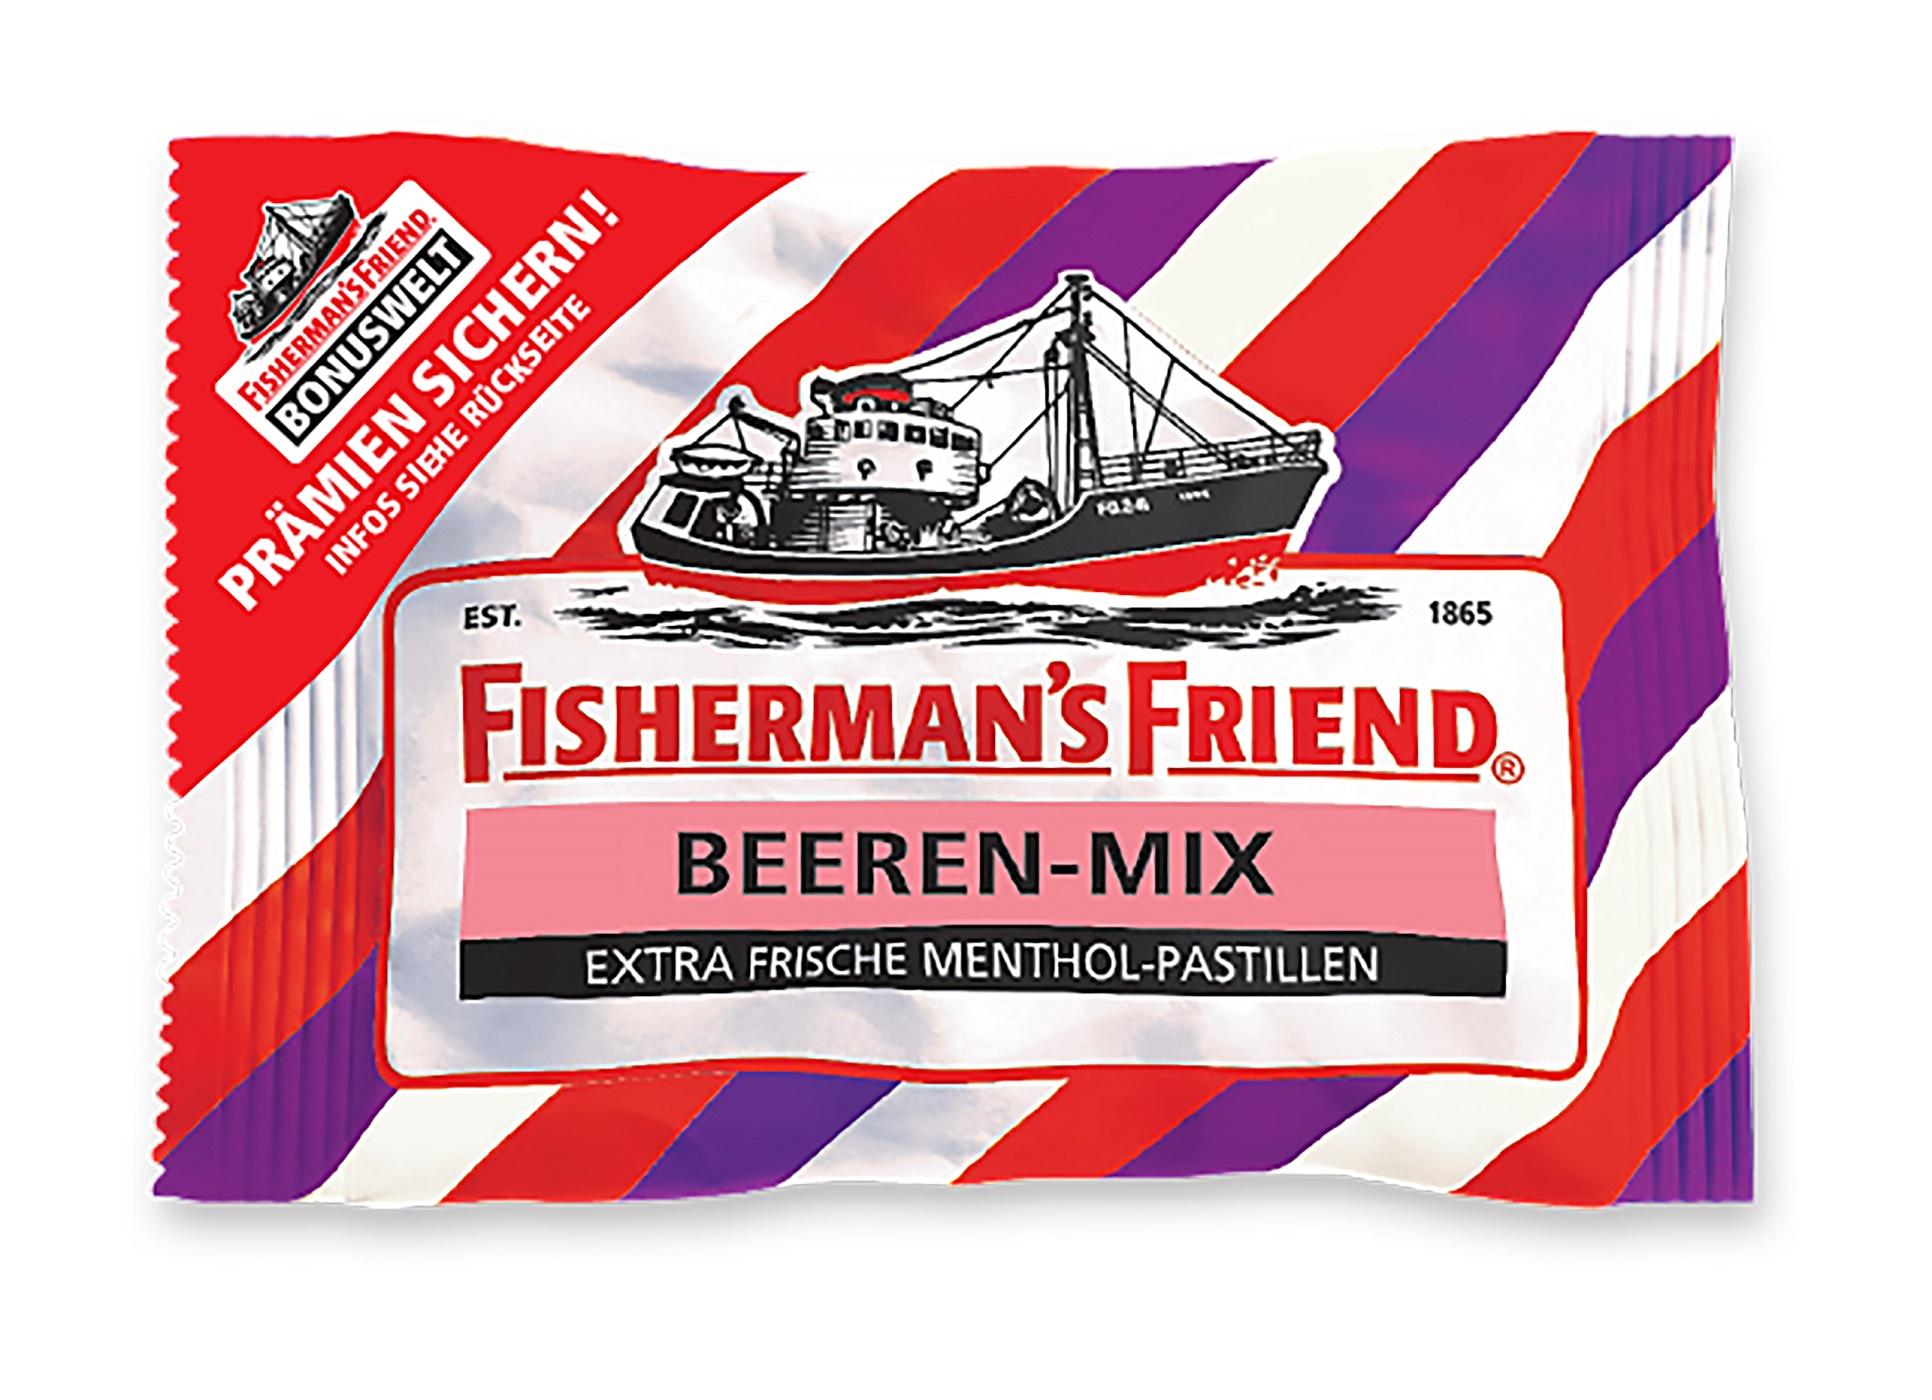 Neue Limited Edition Beeren-Mix sorgt für zusätzlichen Kaufanreiz